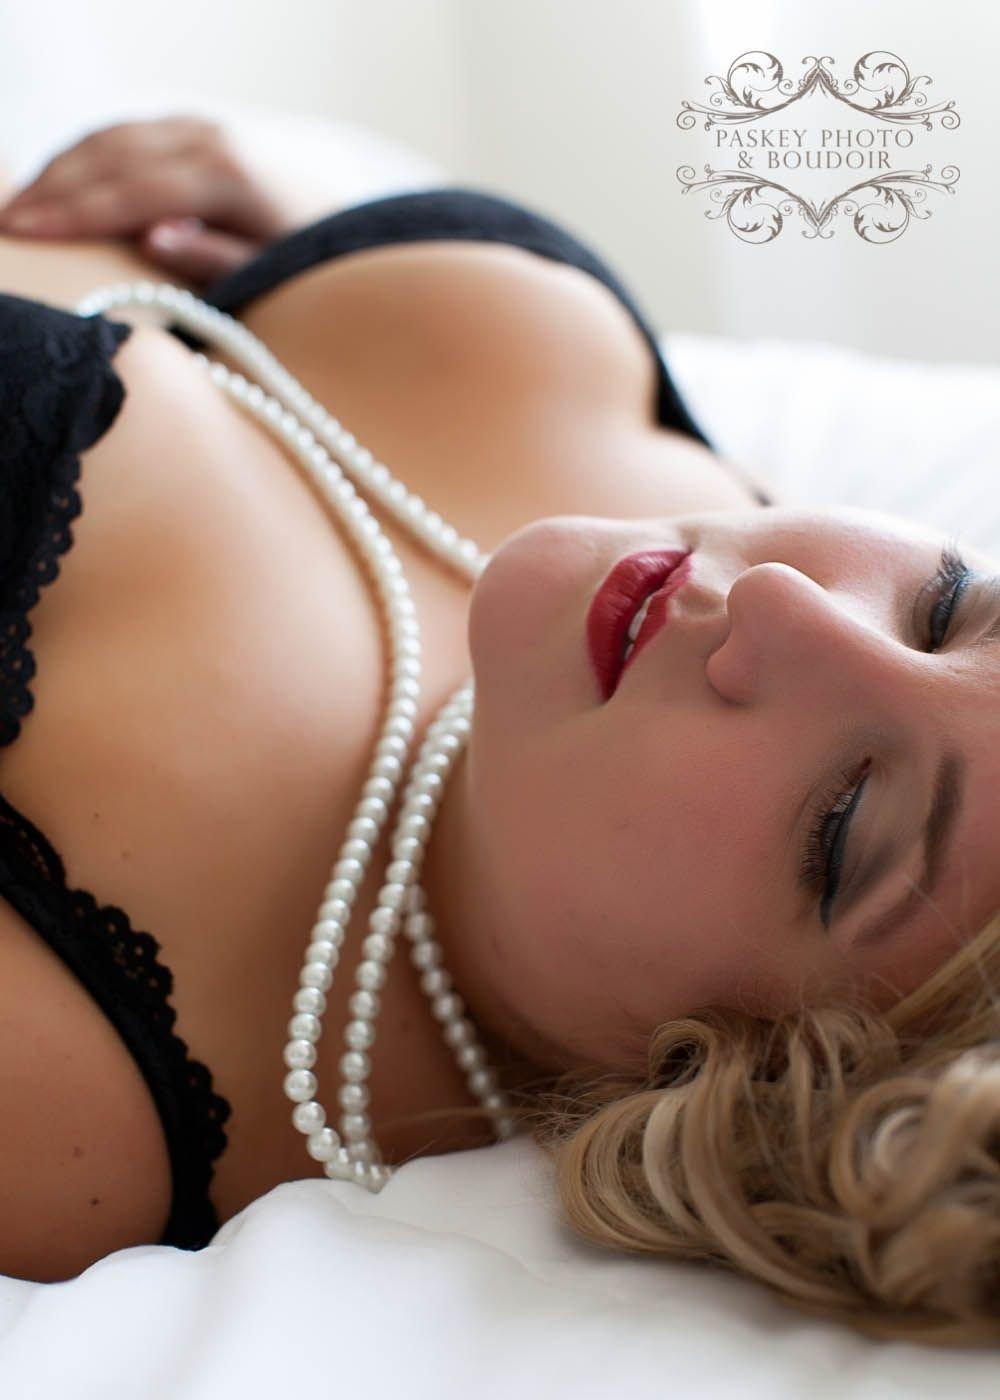 10 Unique Boudoir Photo Ideas For Plus Size boudoir ideas for plus size archives paskey photo and boudoir 1 2020